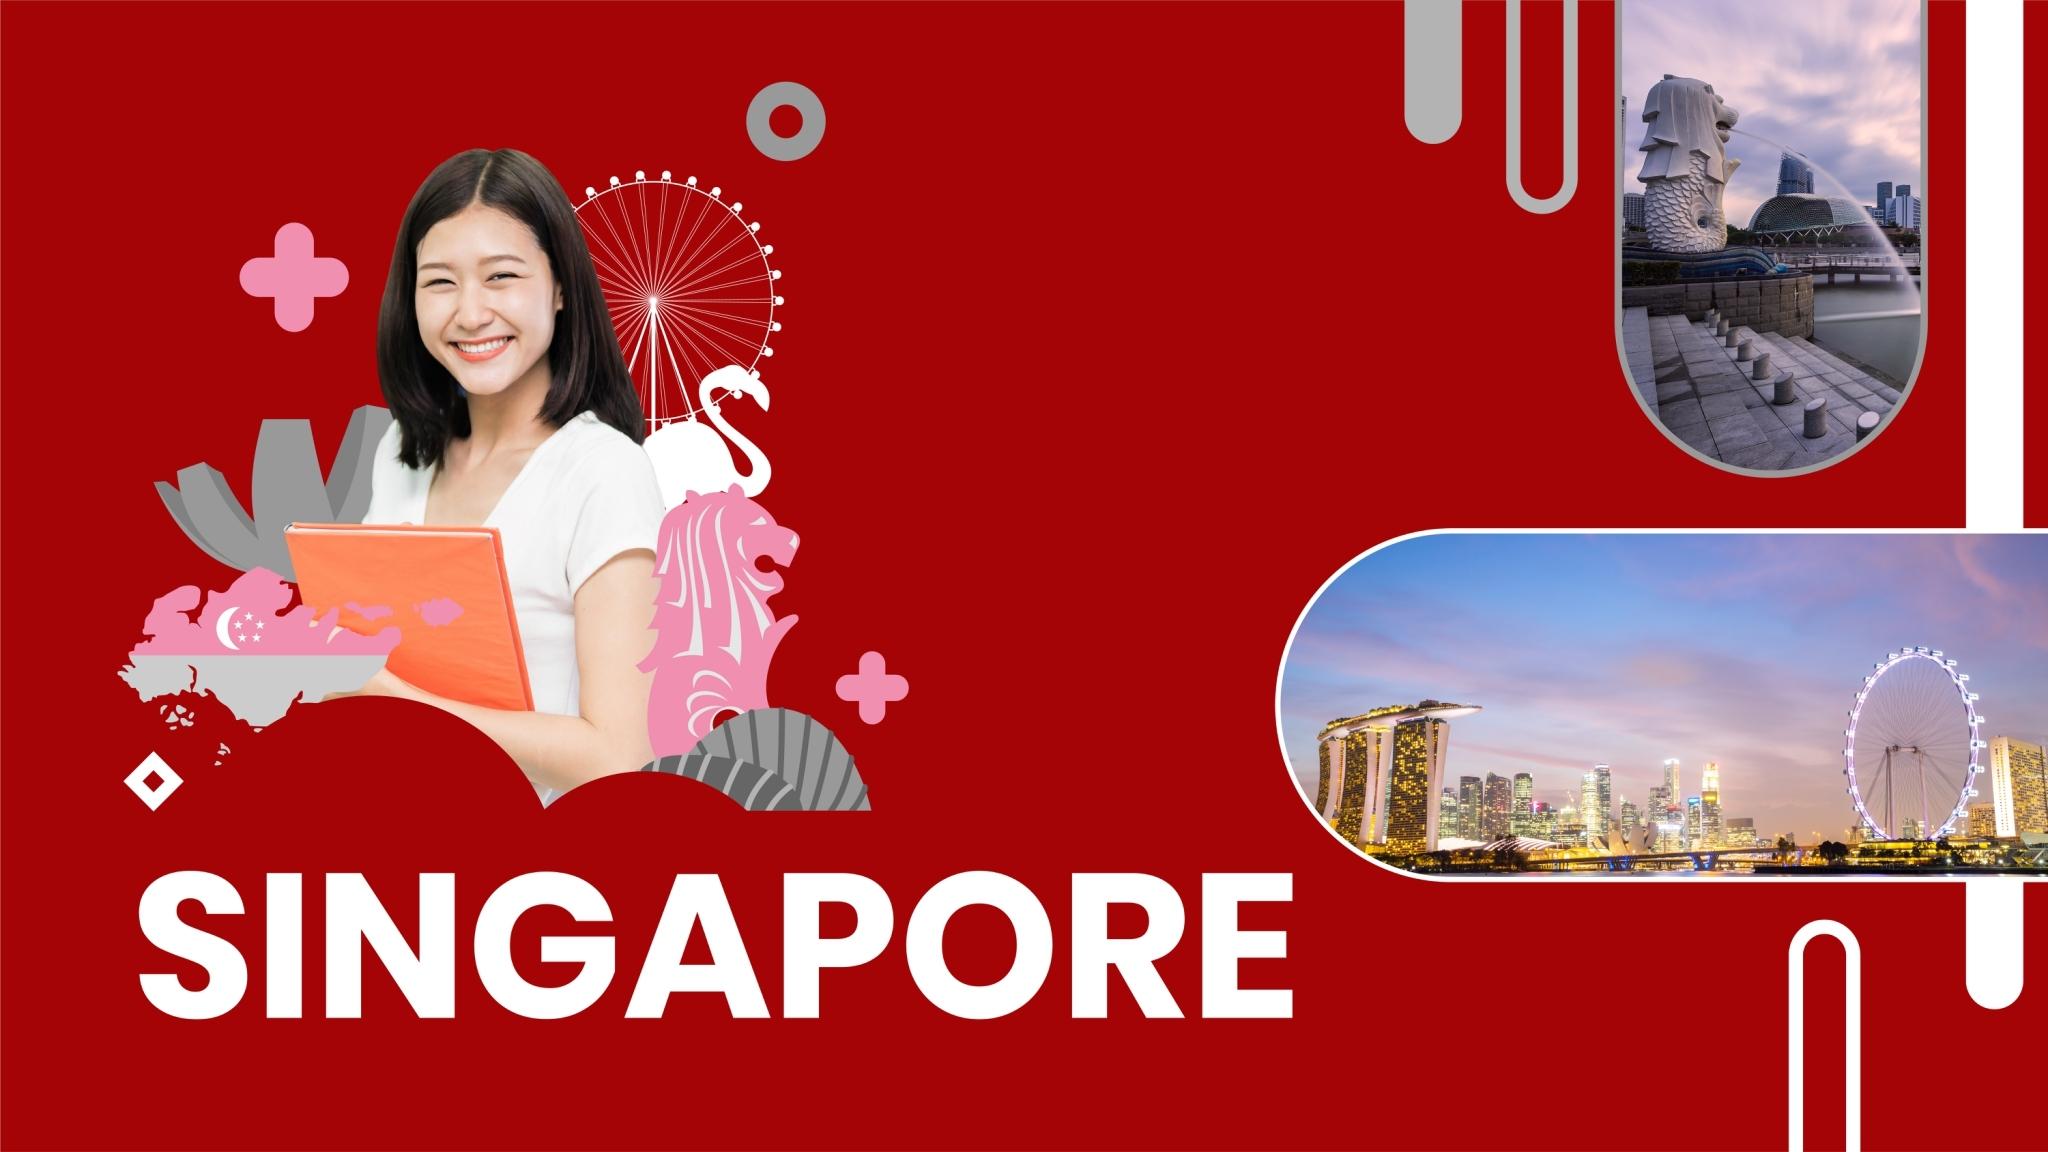 เรียนต่อต่างประเทศ  เรียนภาษาอังกฤษที่ต่างประเทศ